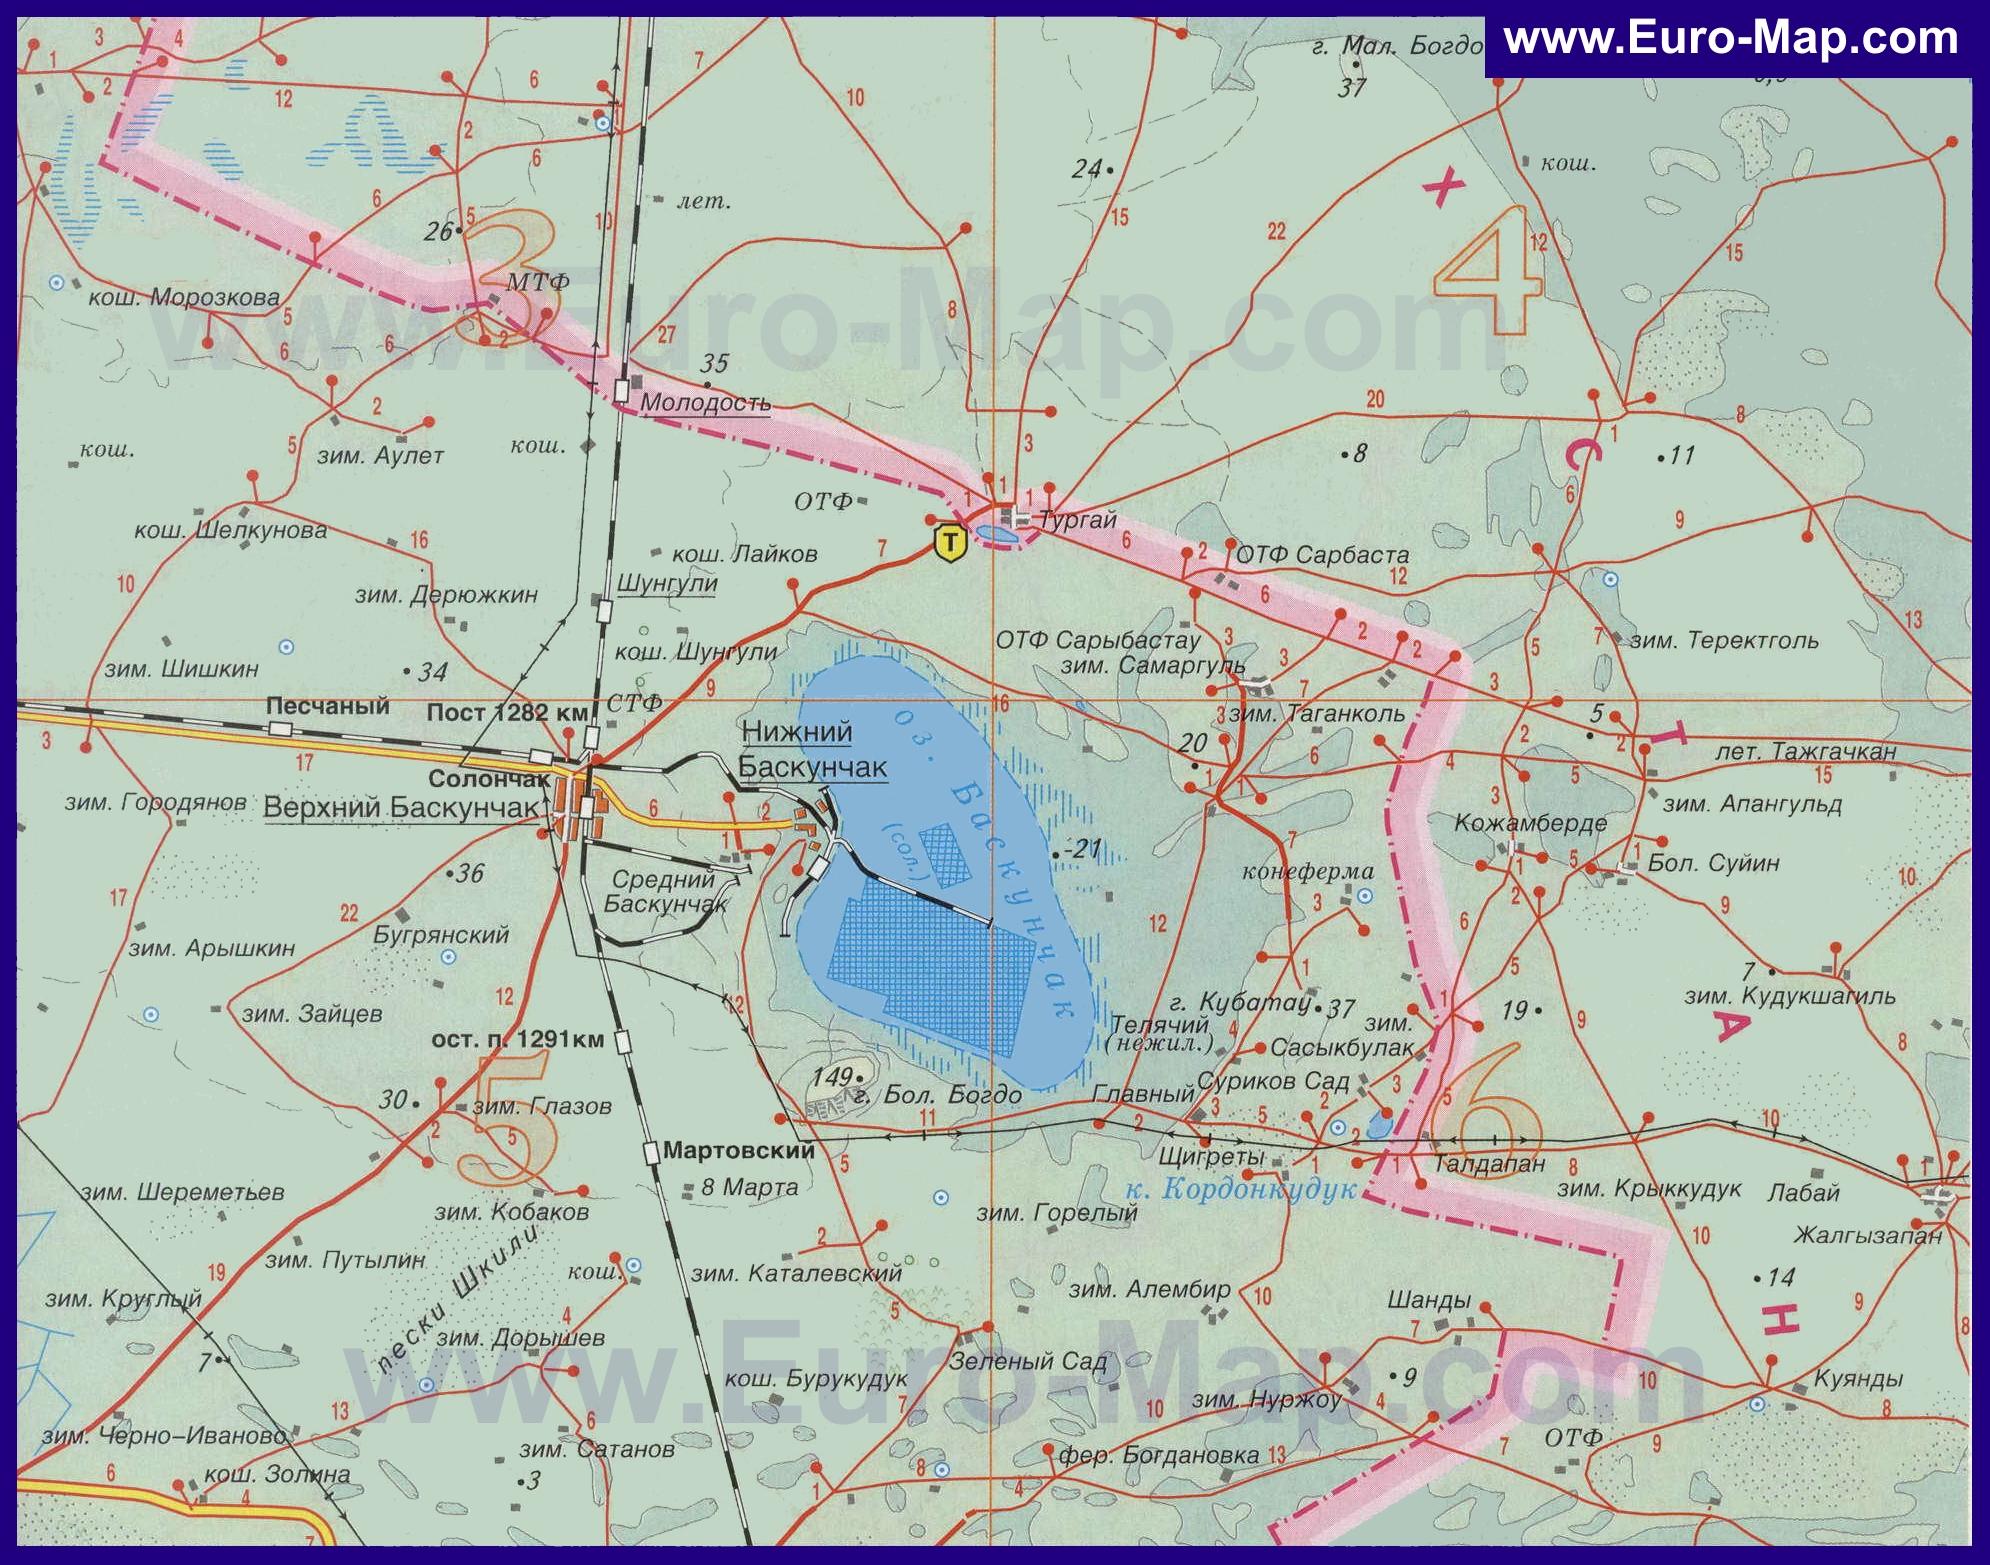 Карта где находится озеро баскунчак на карте россии